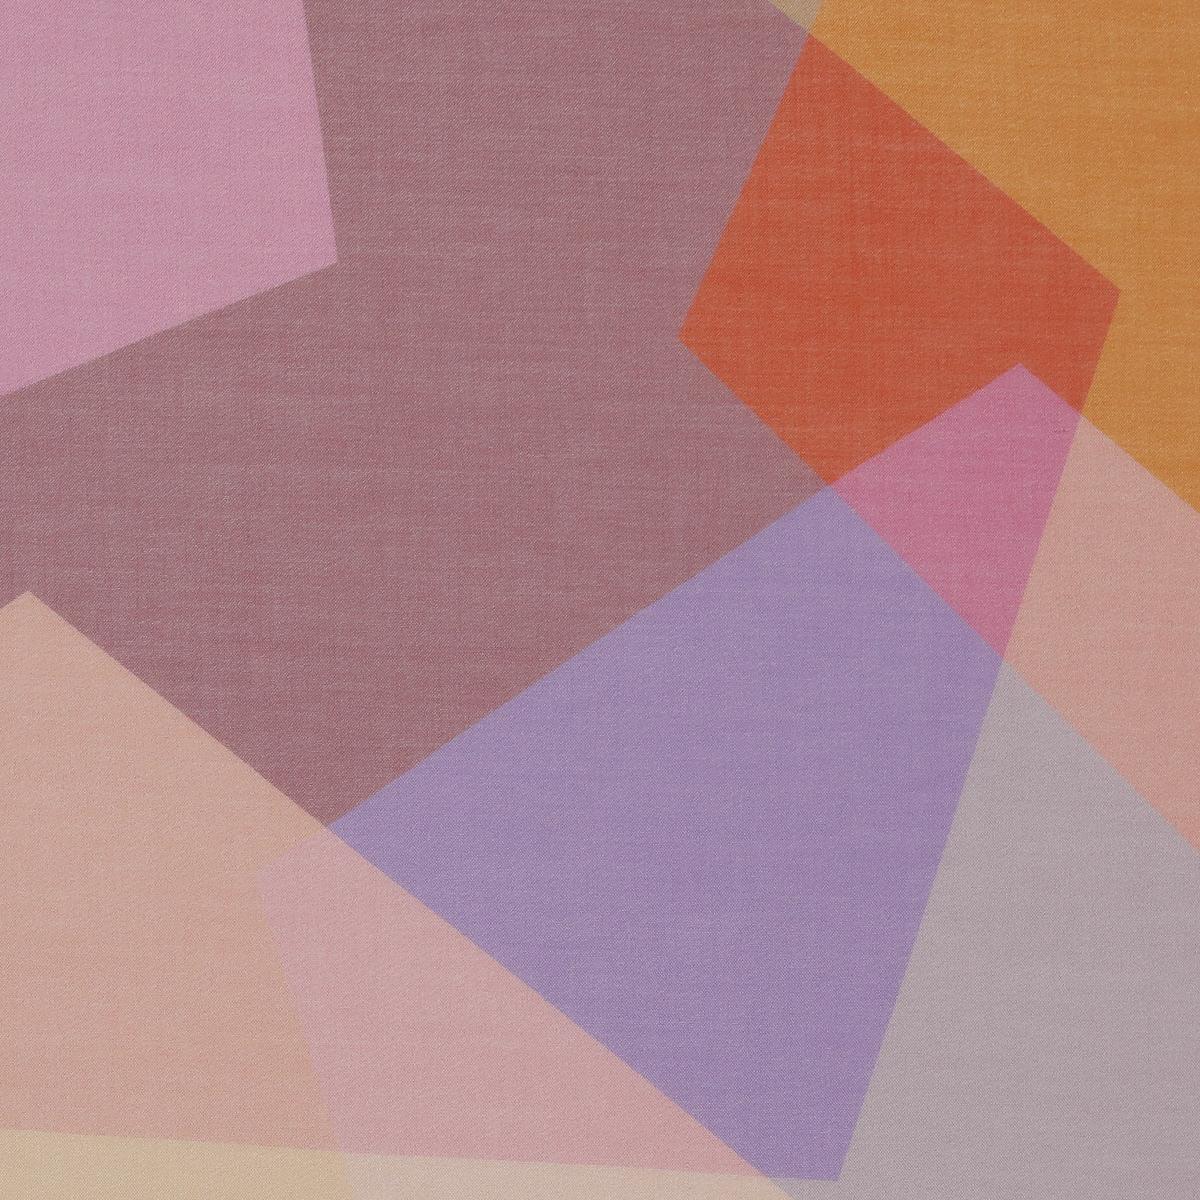 Хлопковый батист в рисунок из шестигранников гармоничных оттенков